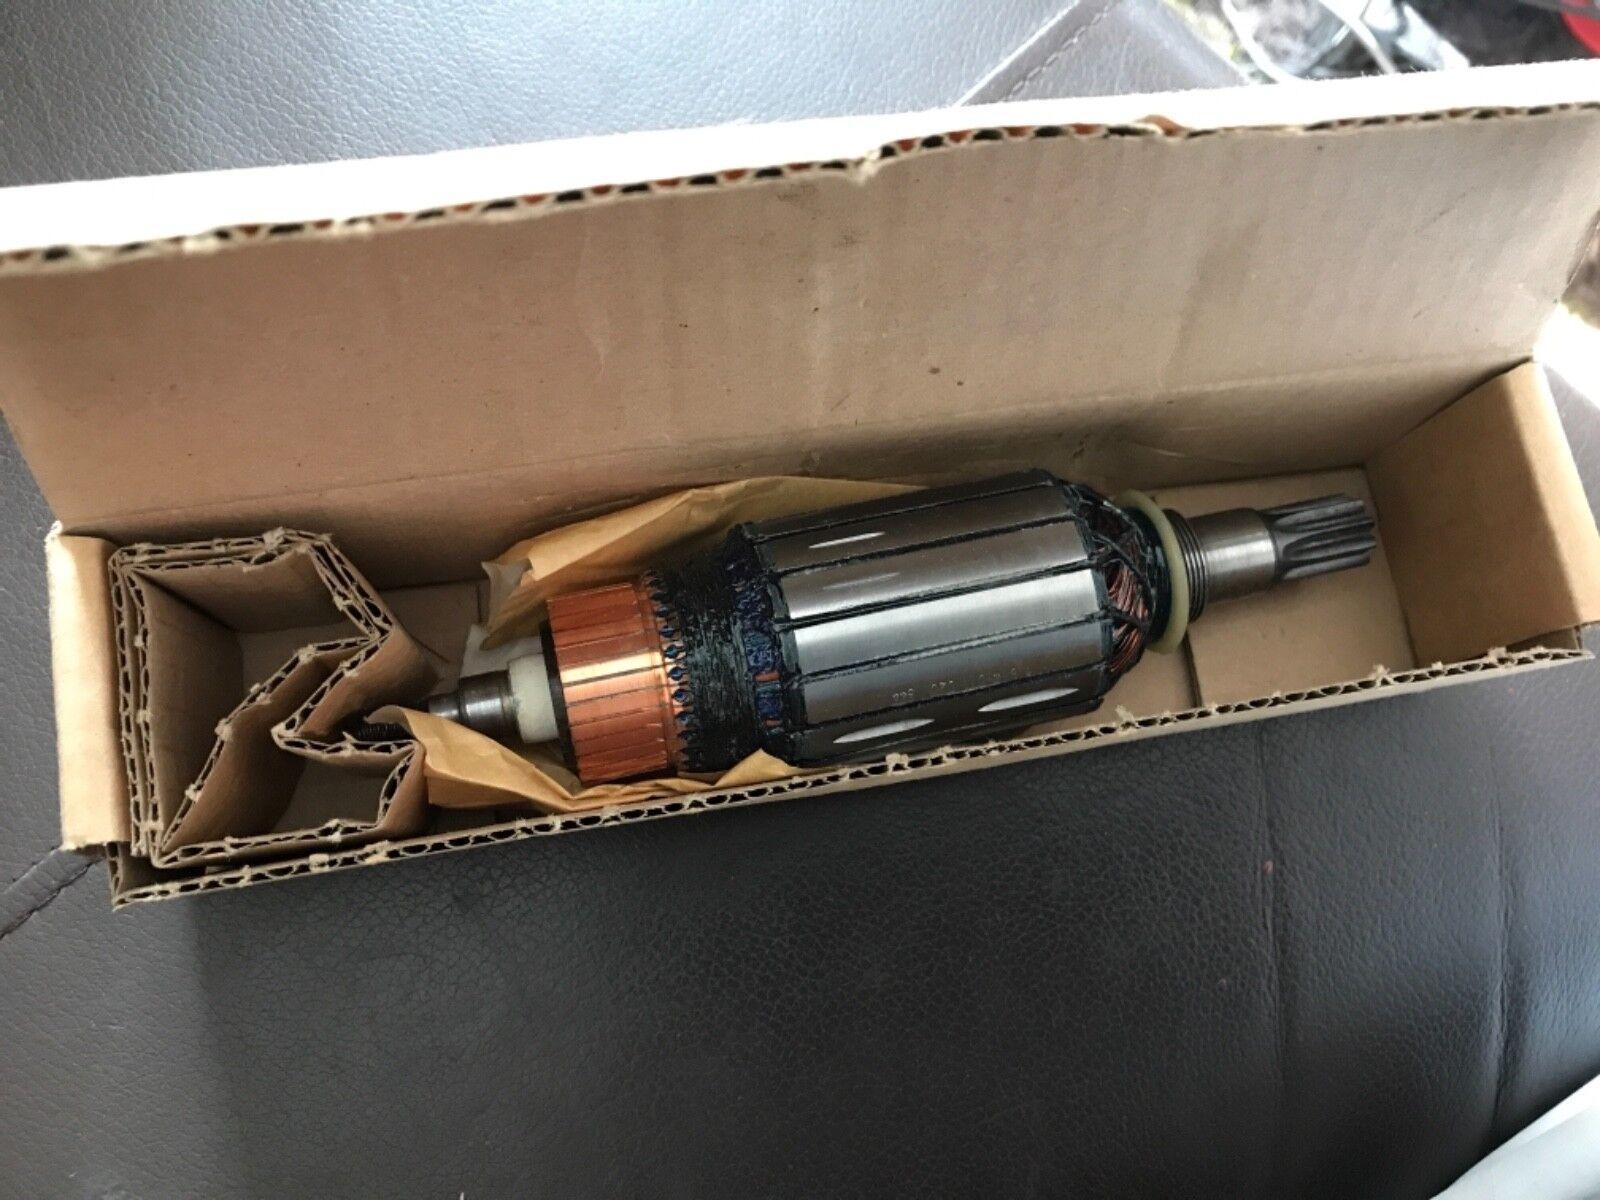 Bosch 11305.034 DEMOLITION HAMMER (06 11305 034) 034) 034) Armature part number 1614011020 7f0df9